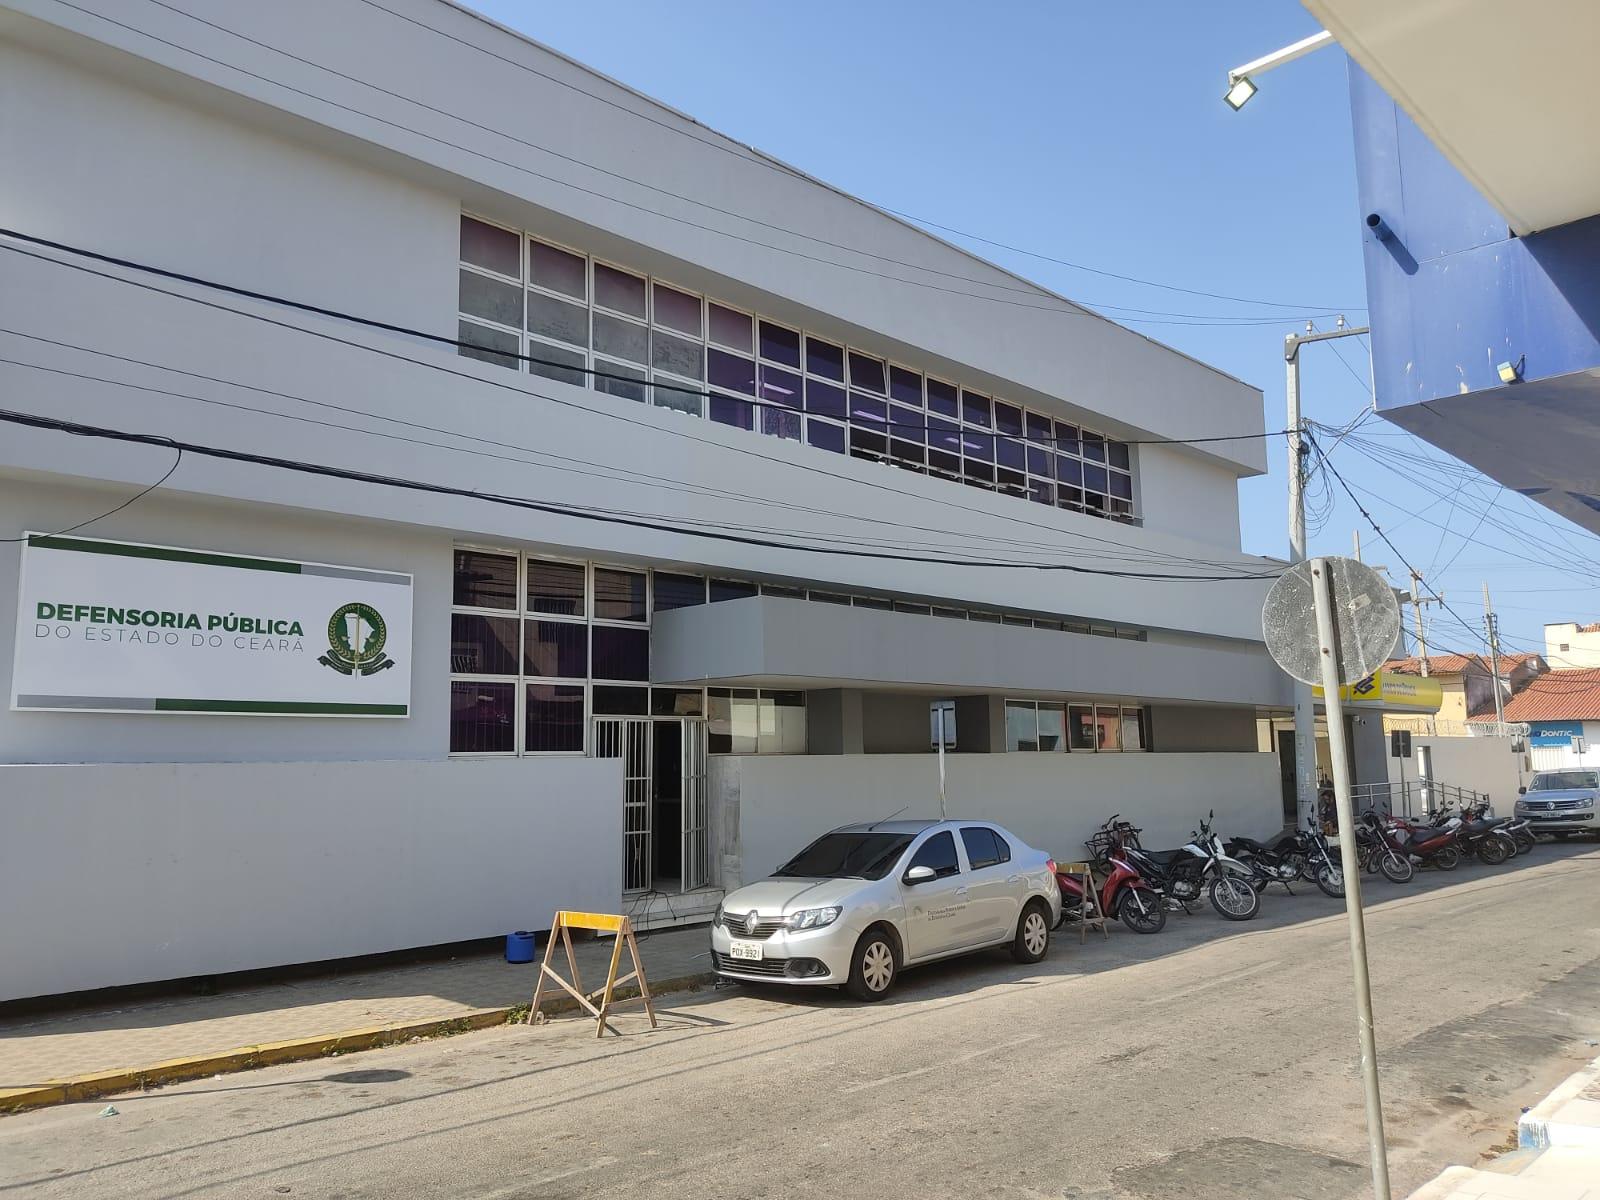 Defensoria inaugura na terça (14/9) nova sede em Camocim, no Litoral Oeste